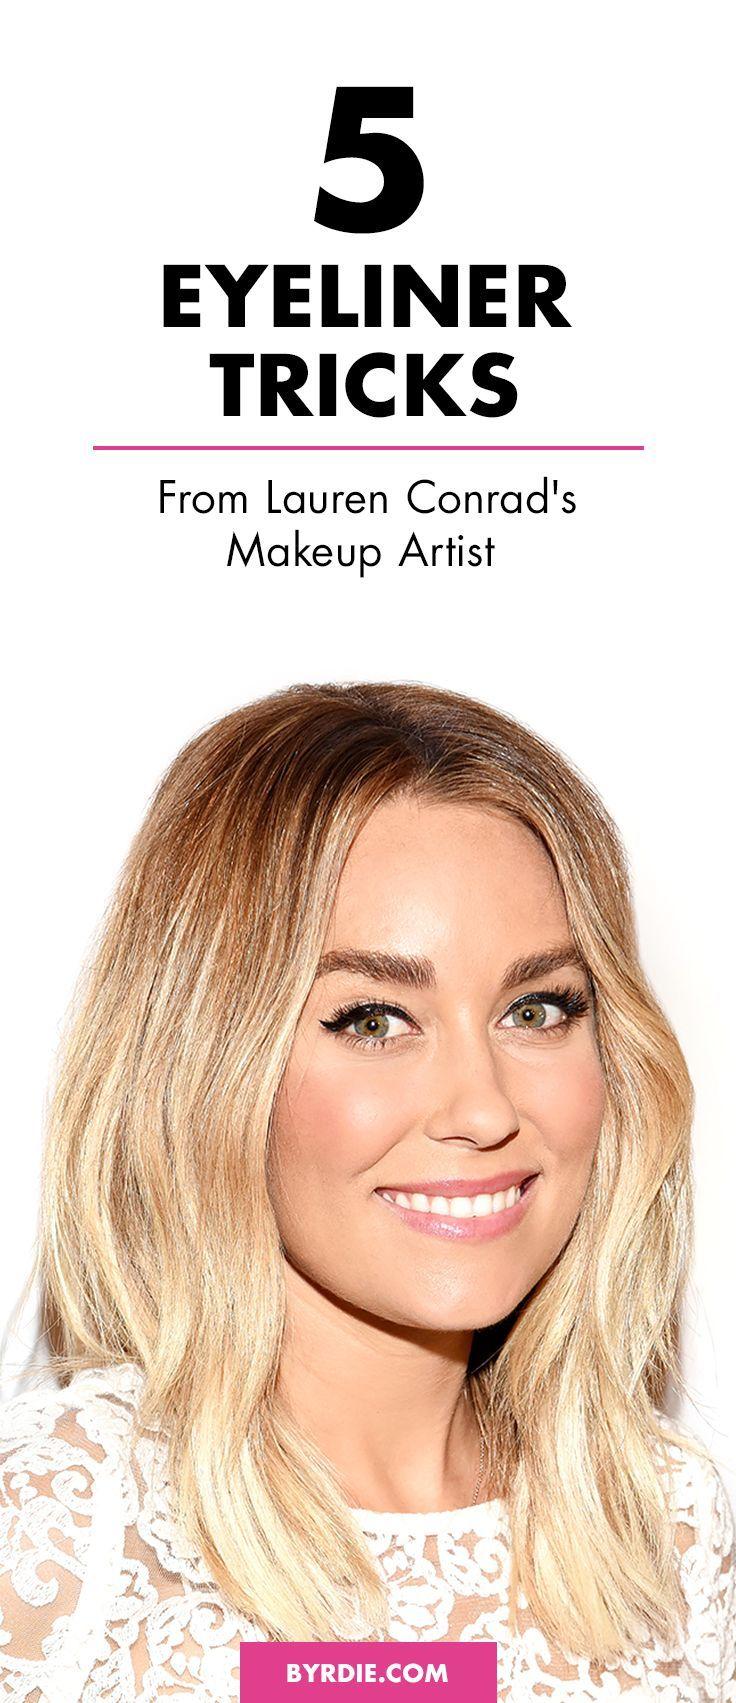 Lauren Conrad's Makeup Artist Shares Her Top Eyeliner